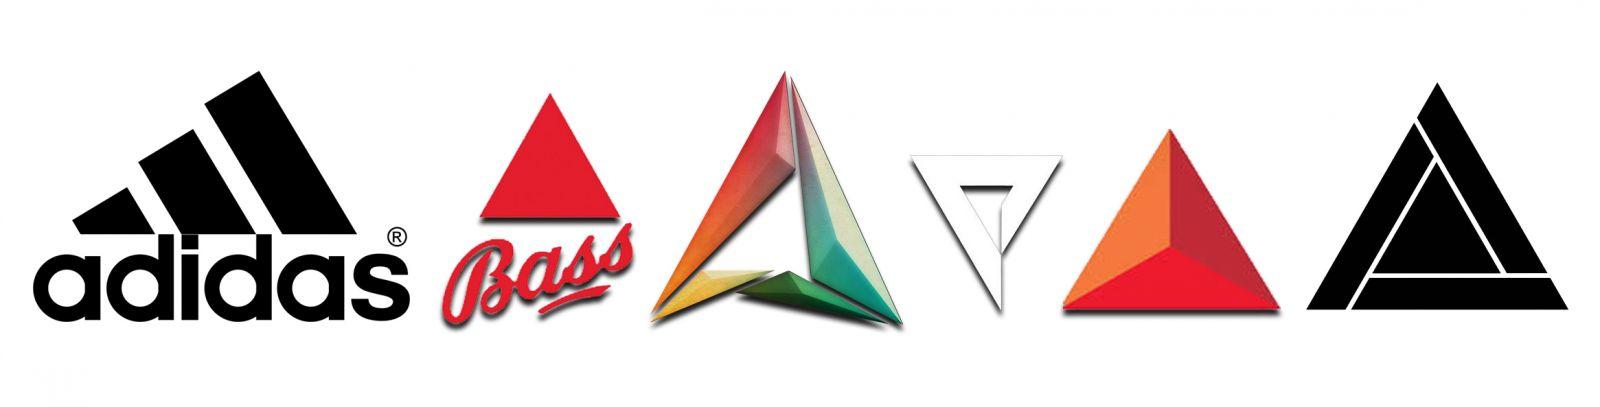 Anh 6 logo phong thuy 1